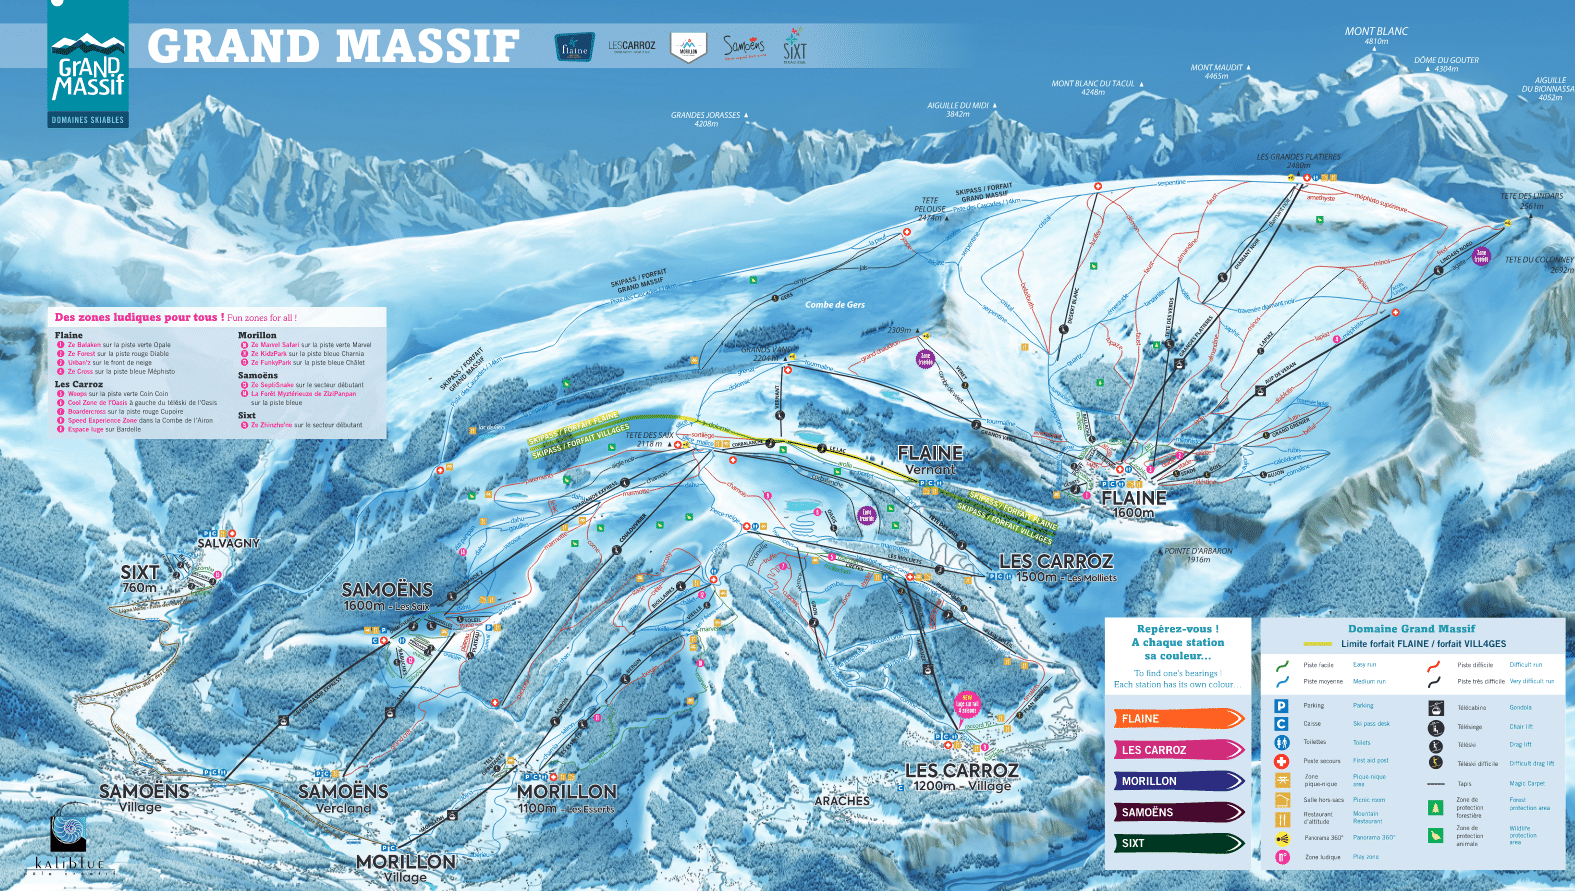 Grand Massif - Plan des pistes de ski